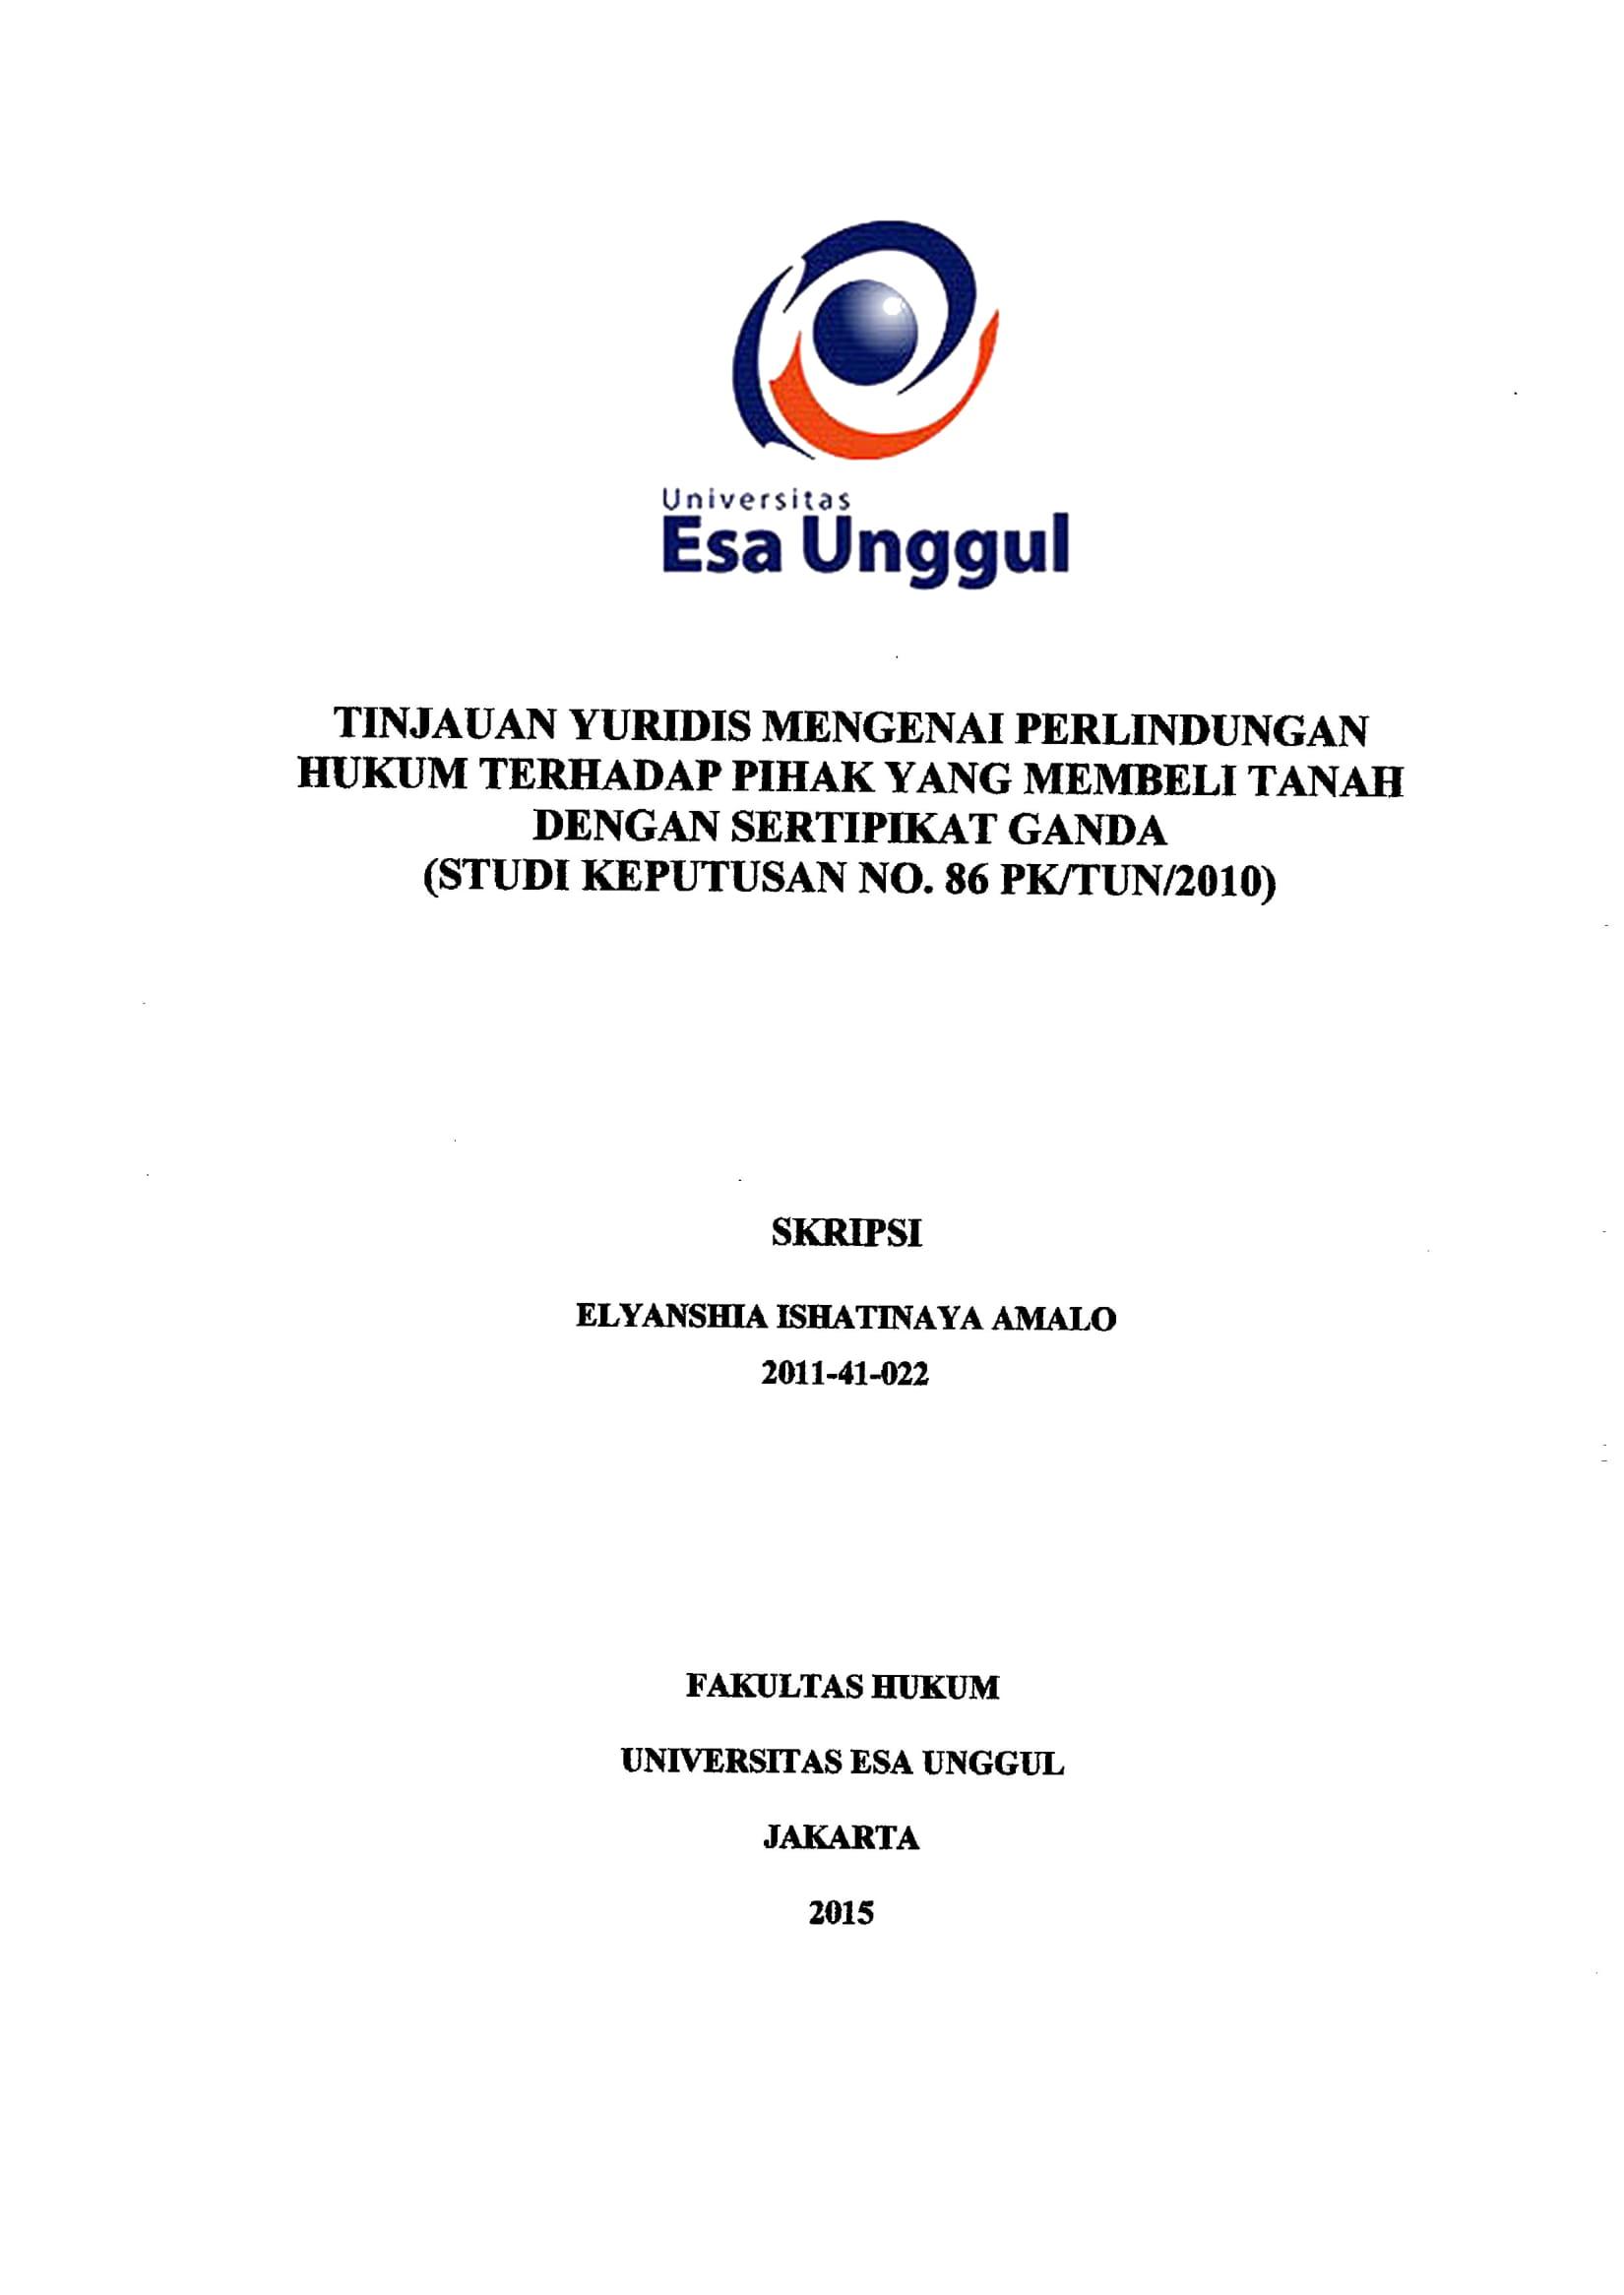 Tinjauan Yuridis Mengenai Perlindungan Hukum Terhadap Pihak Yang Mengembali Tanah Dengan Sertifikat Ganda (Studi Keputusan No. 86PK/TUN/2010)